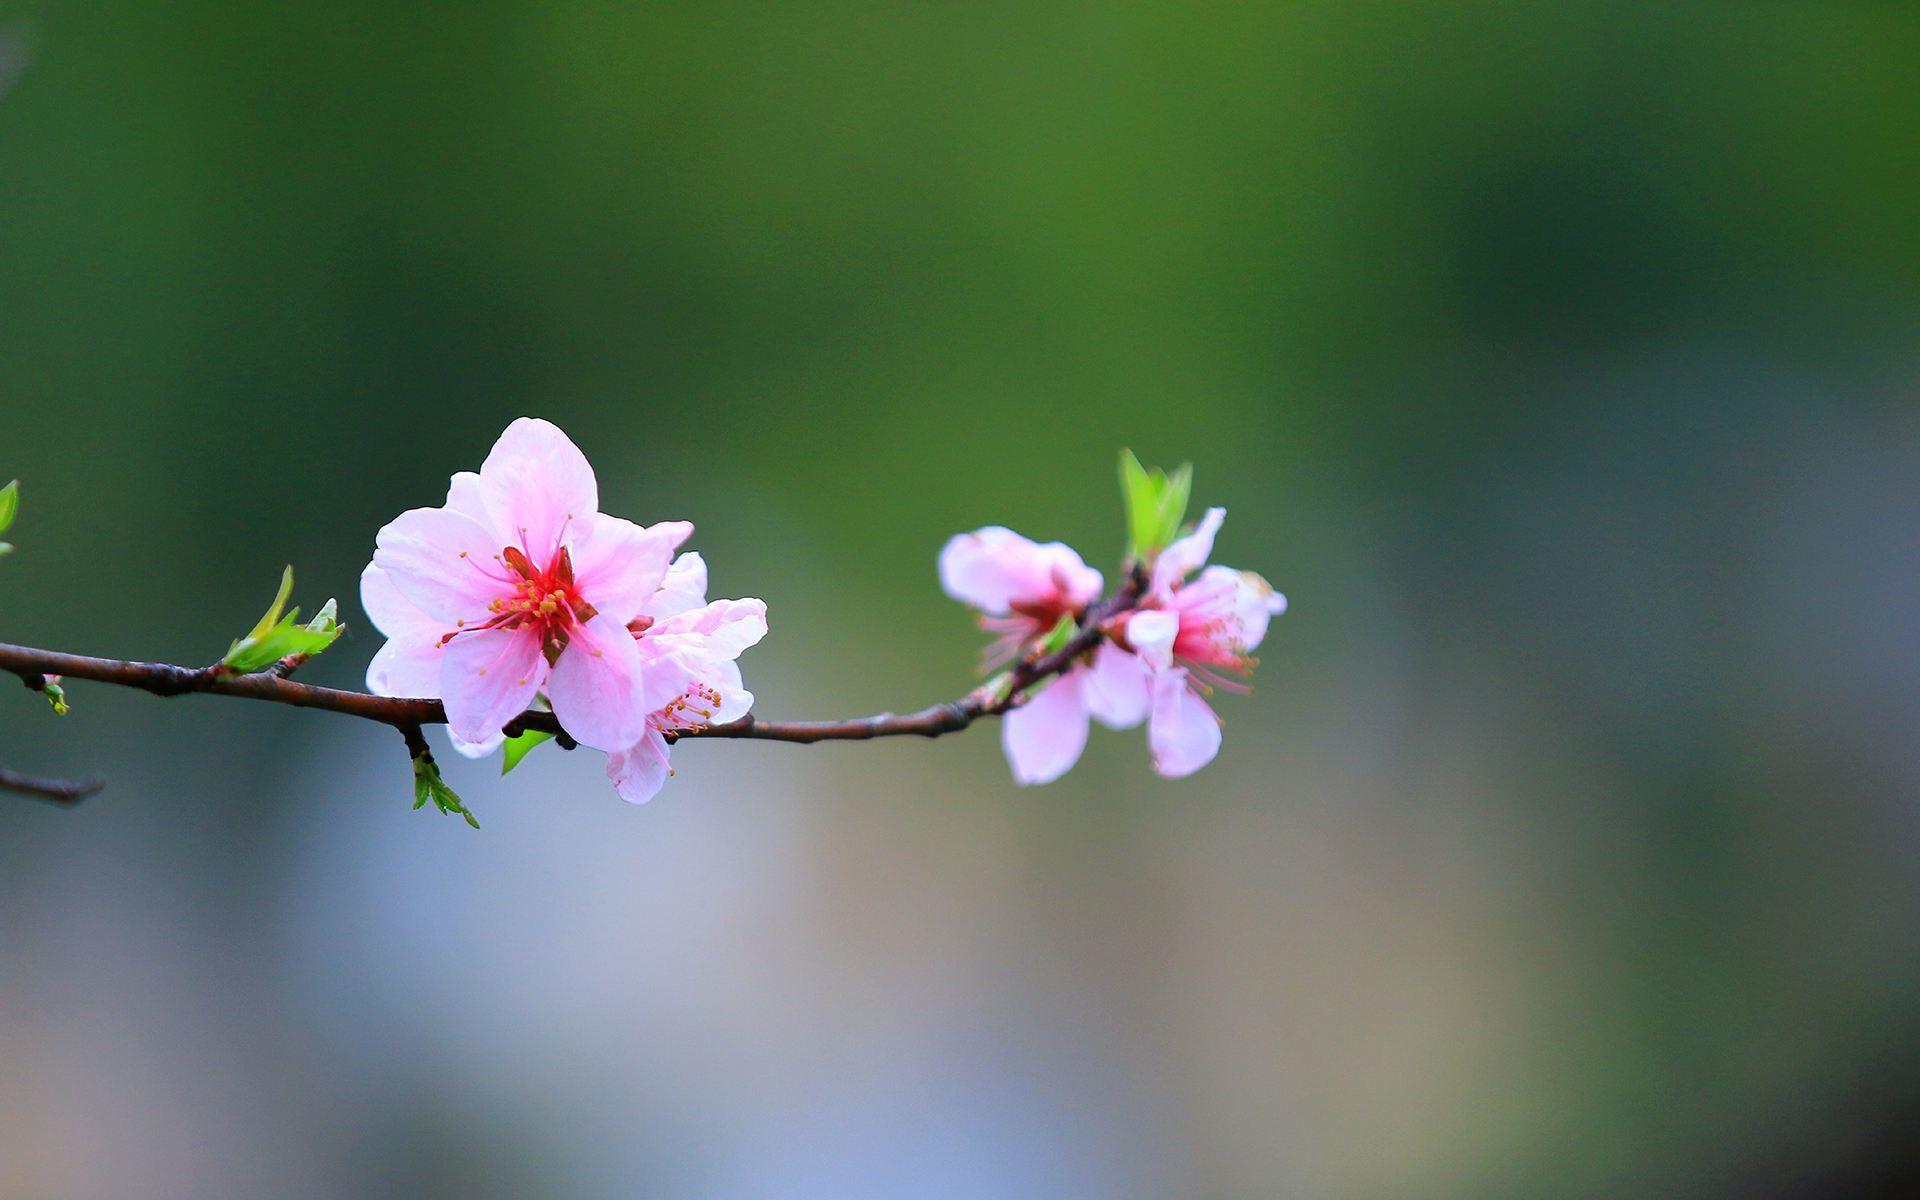 成为自己想成为的人感悟人生语录:尘土,也能开出花来